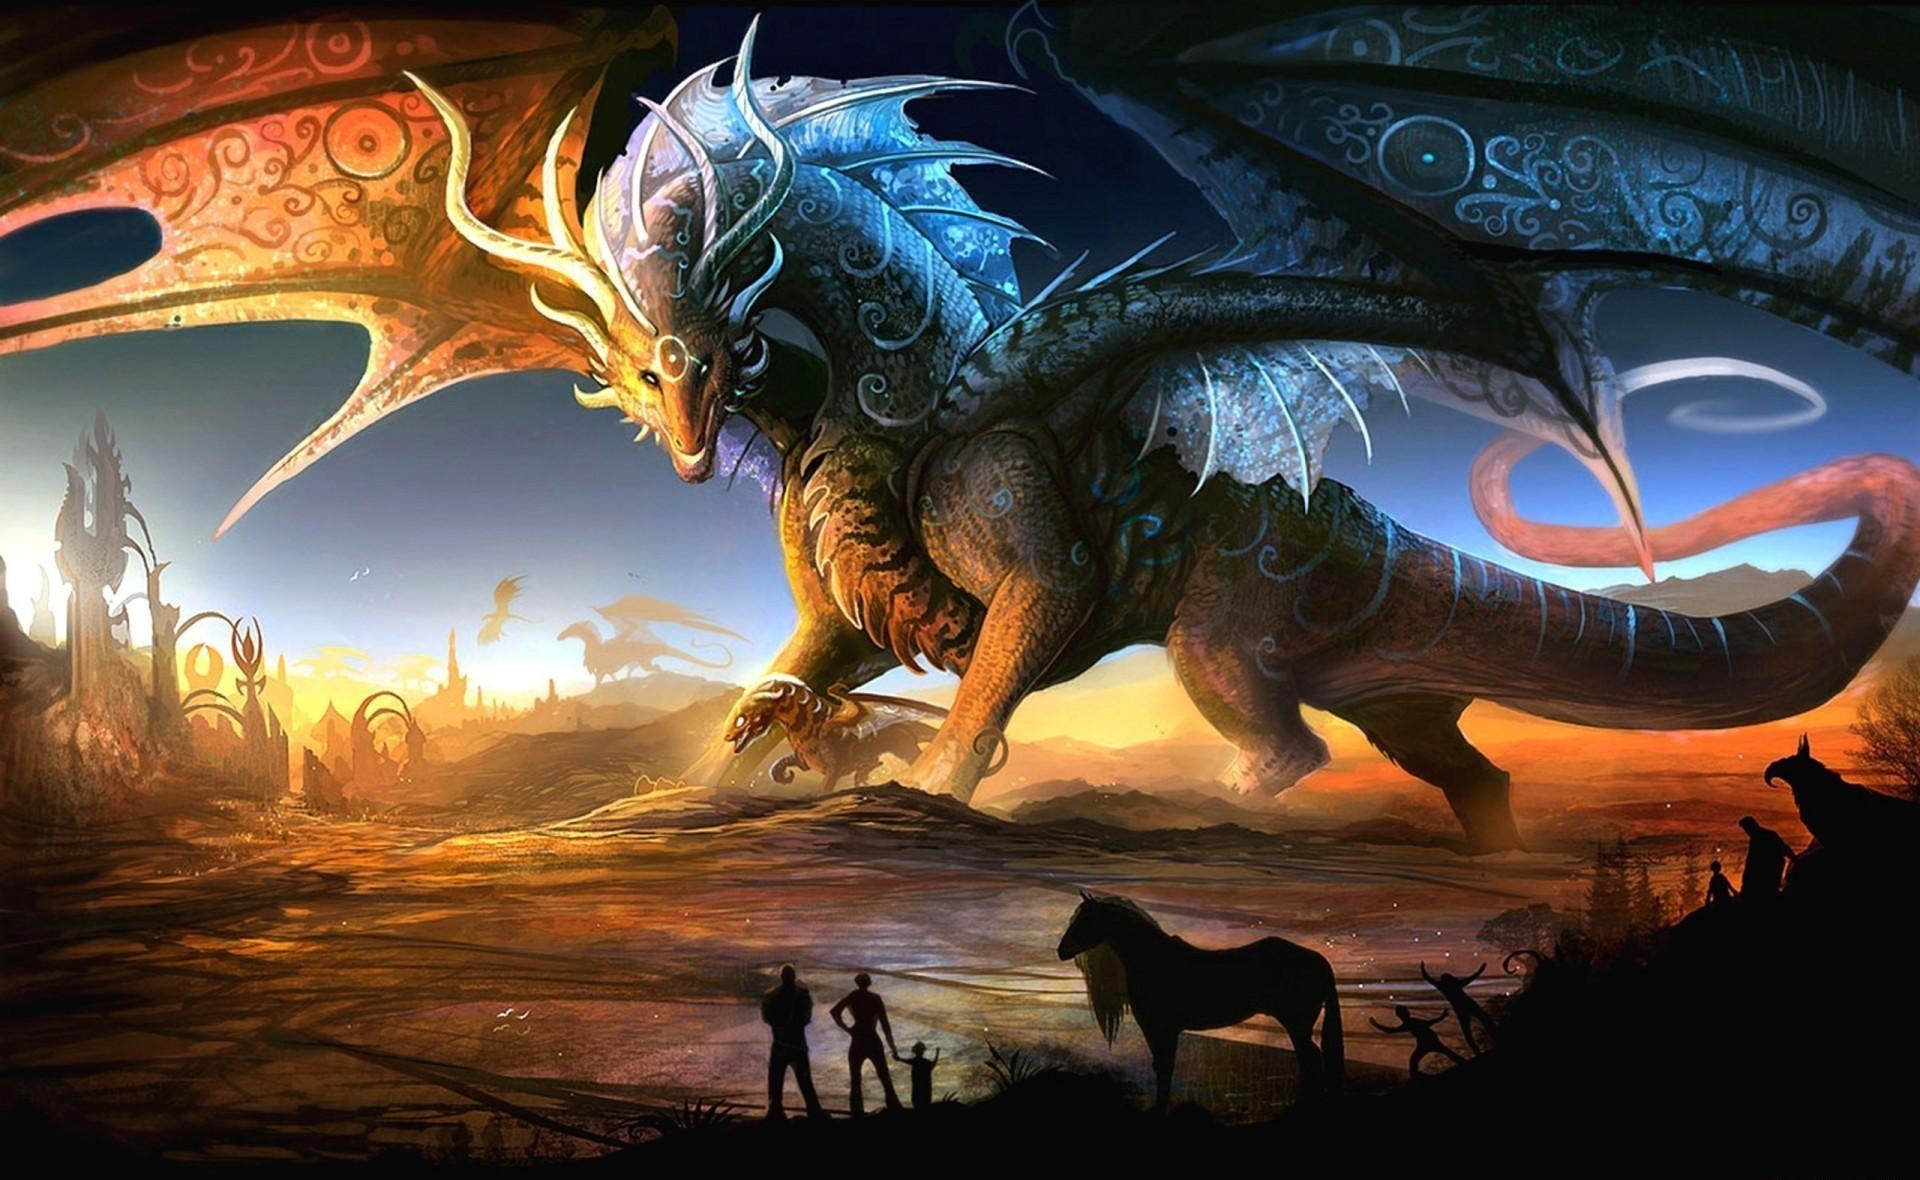 73218 descargar fondo de pantalla Fantasía, Mamá, Madre, Joven, Joey, Personas, Puesta Del Sol, Dragones, Animales: protectores de pantalla e imágenes gratis